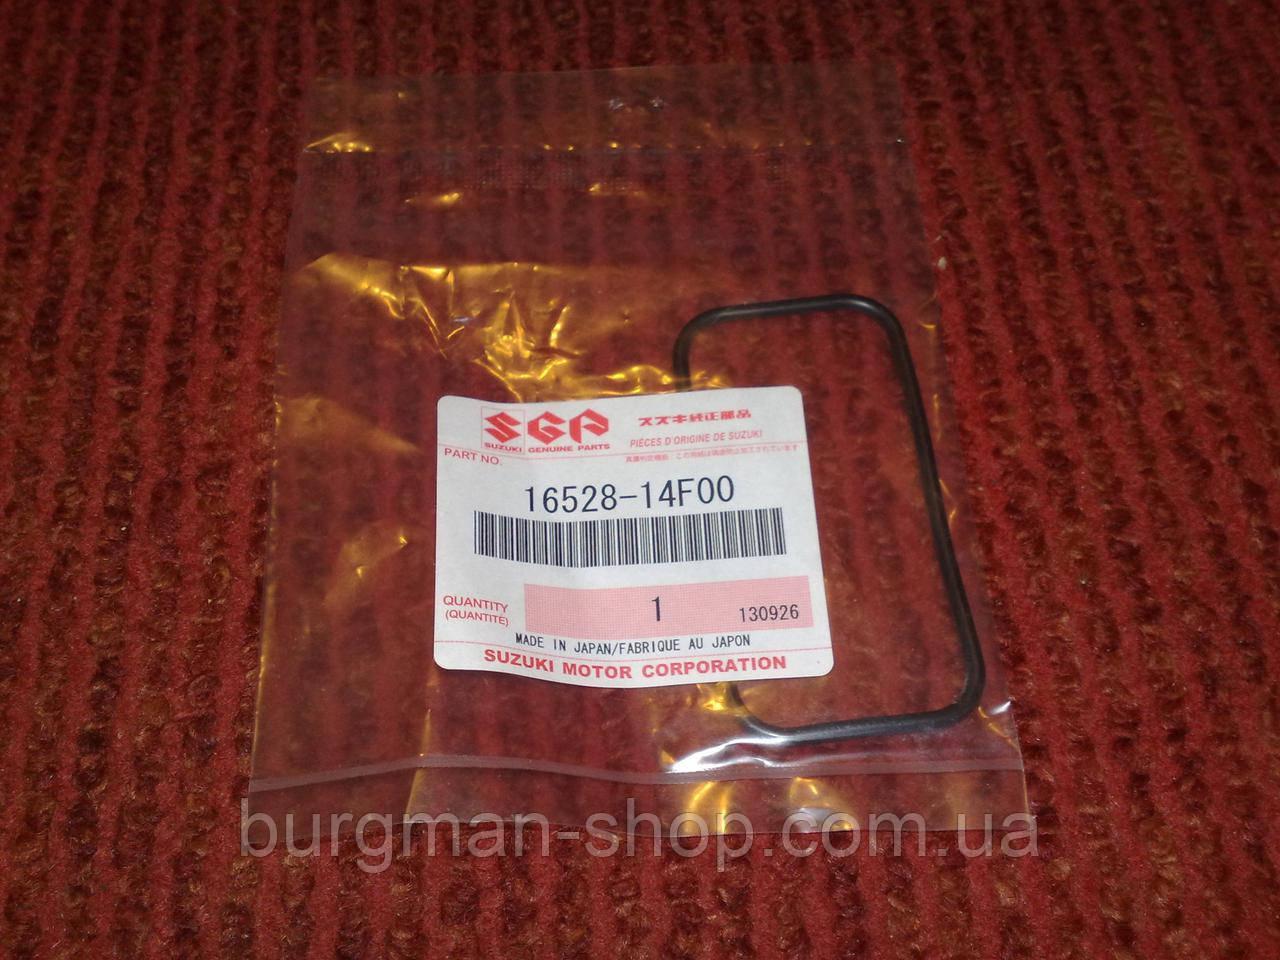 Сальник крышки масляного фильтра плоского Suzuki Burgman SkyWave 16528-14F00